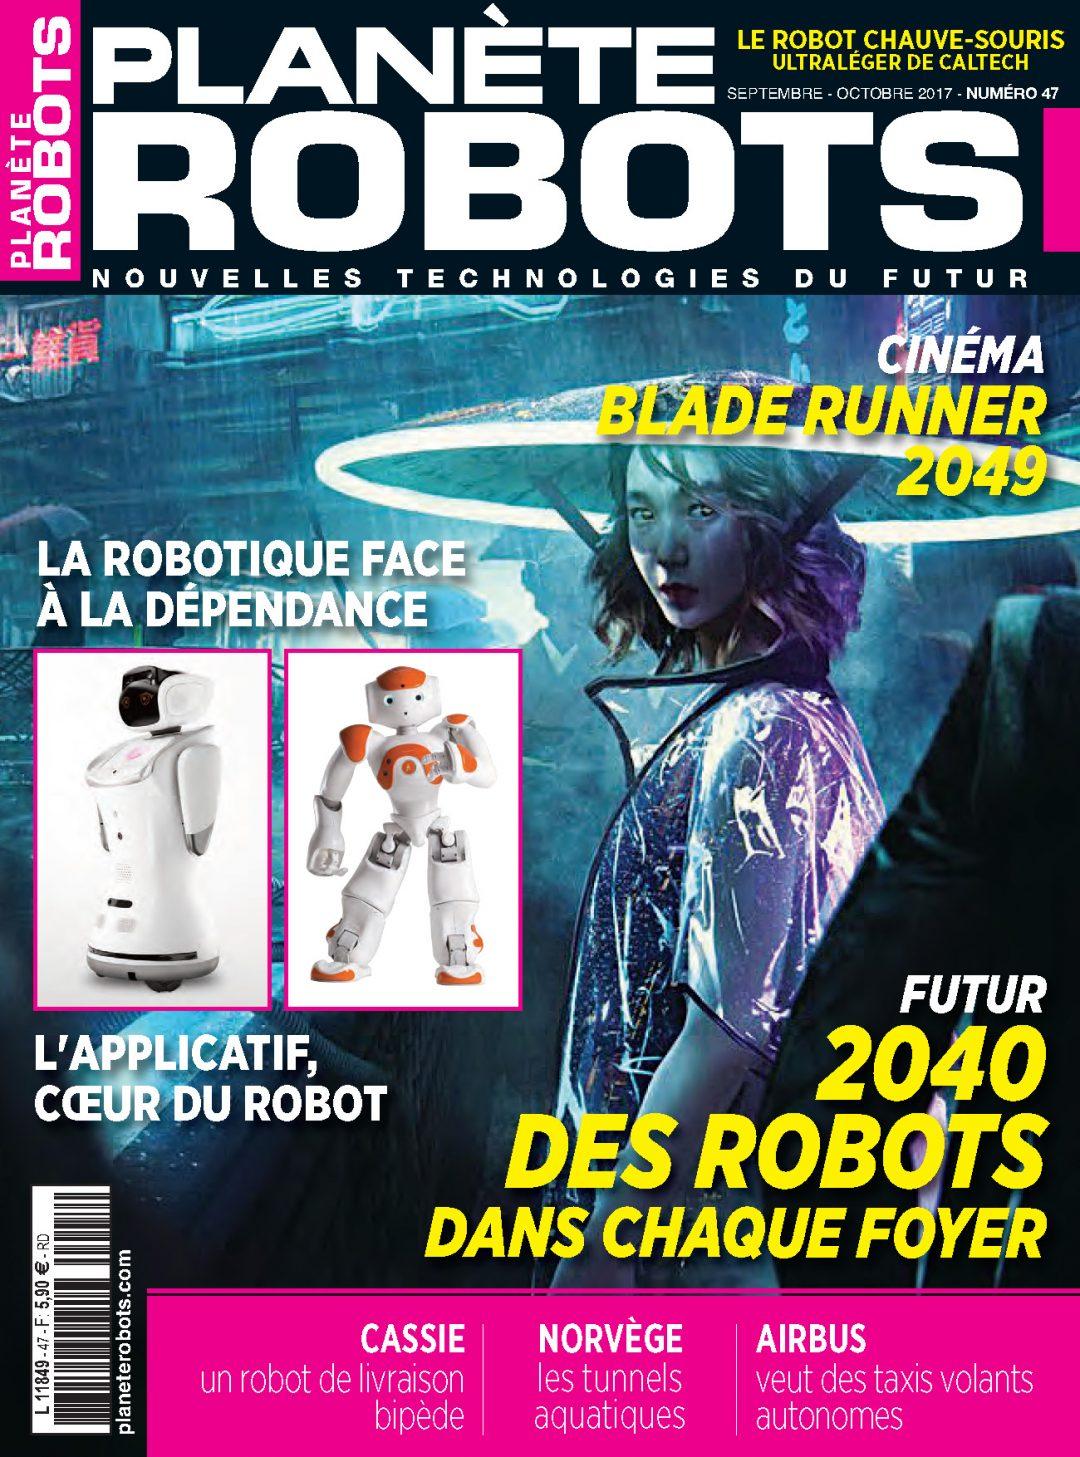 Planète Robots n° 47 – Extrait de 15 pages